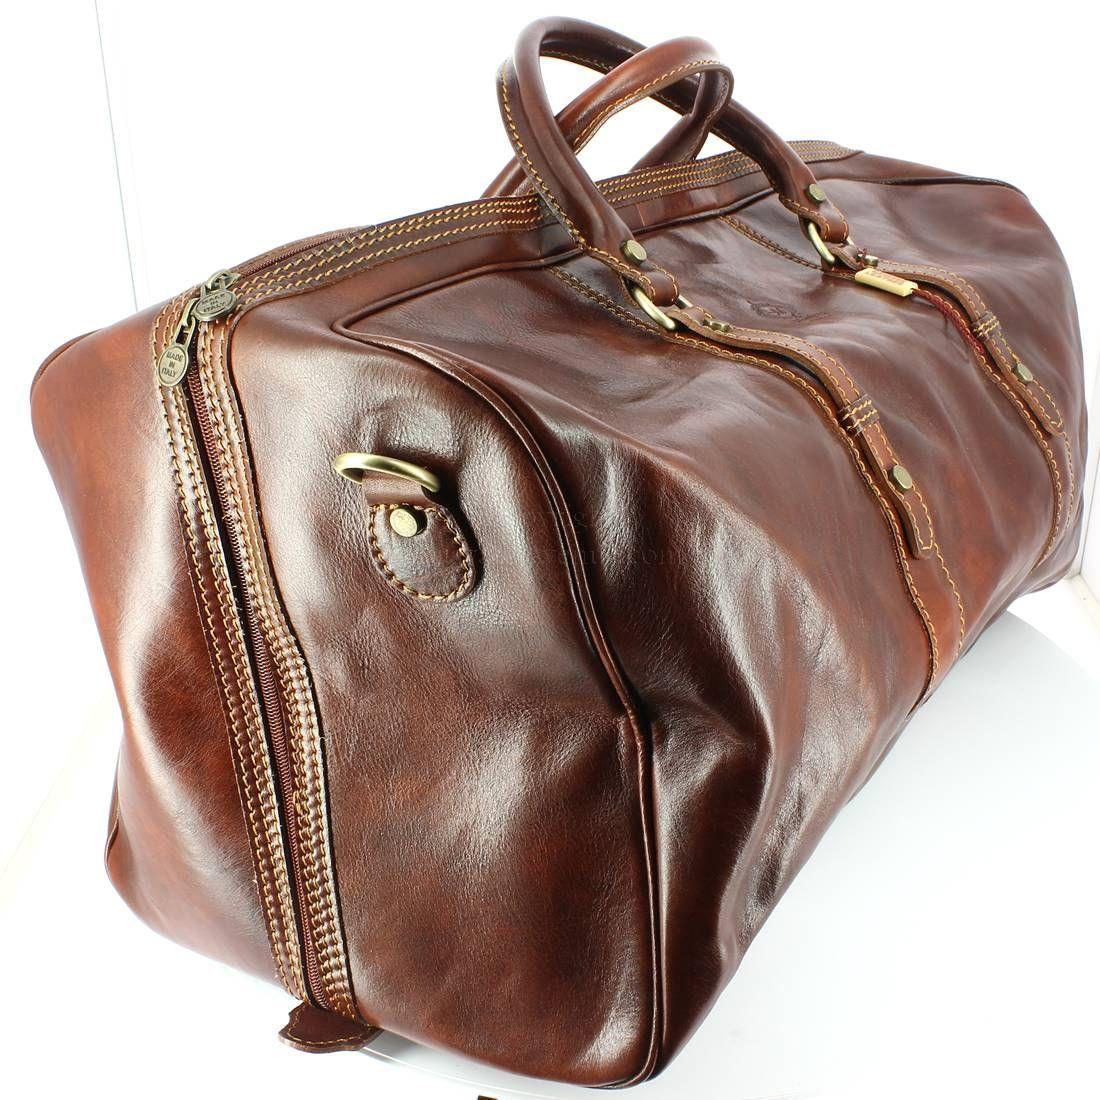 sortie d'usine outlet diversifié dans l'emballage Augusto, sac voyage, Marron clair, Chestnut